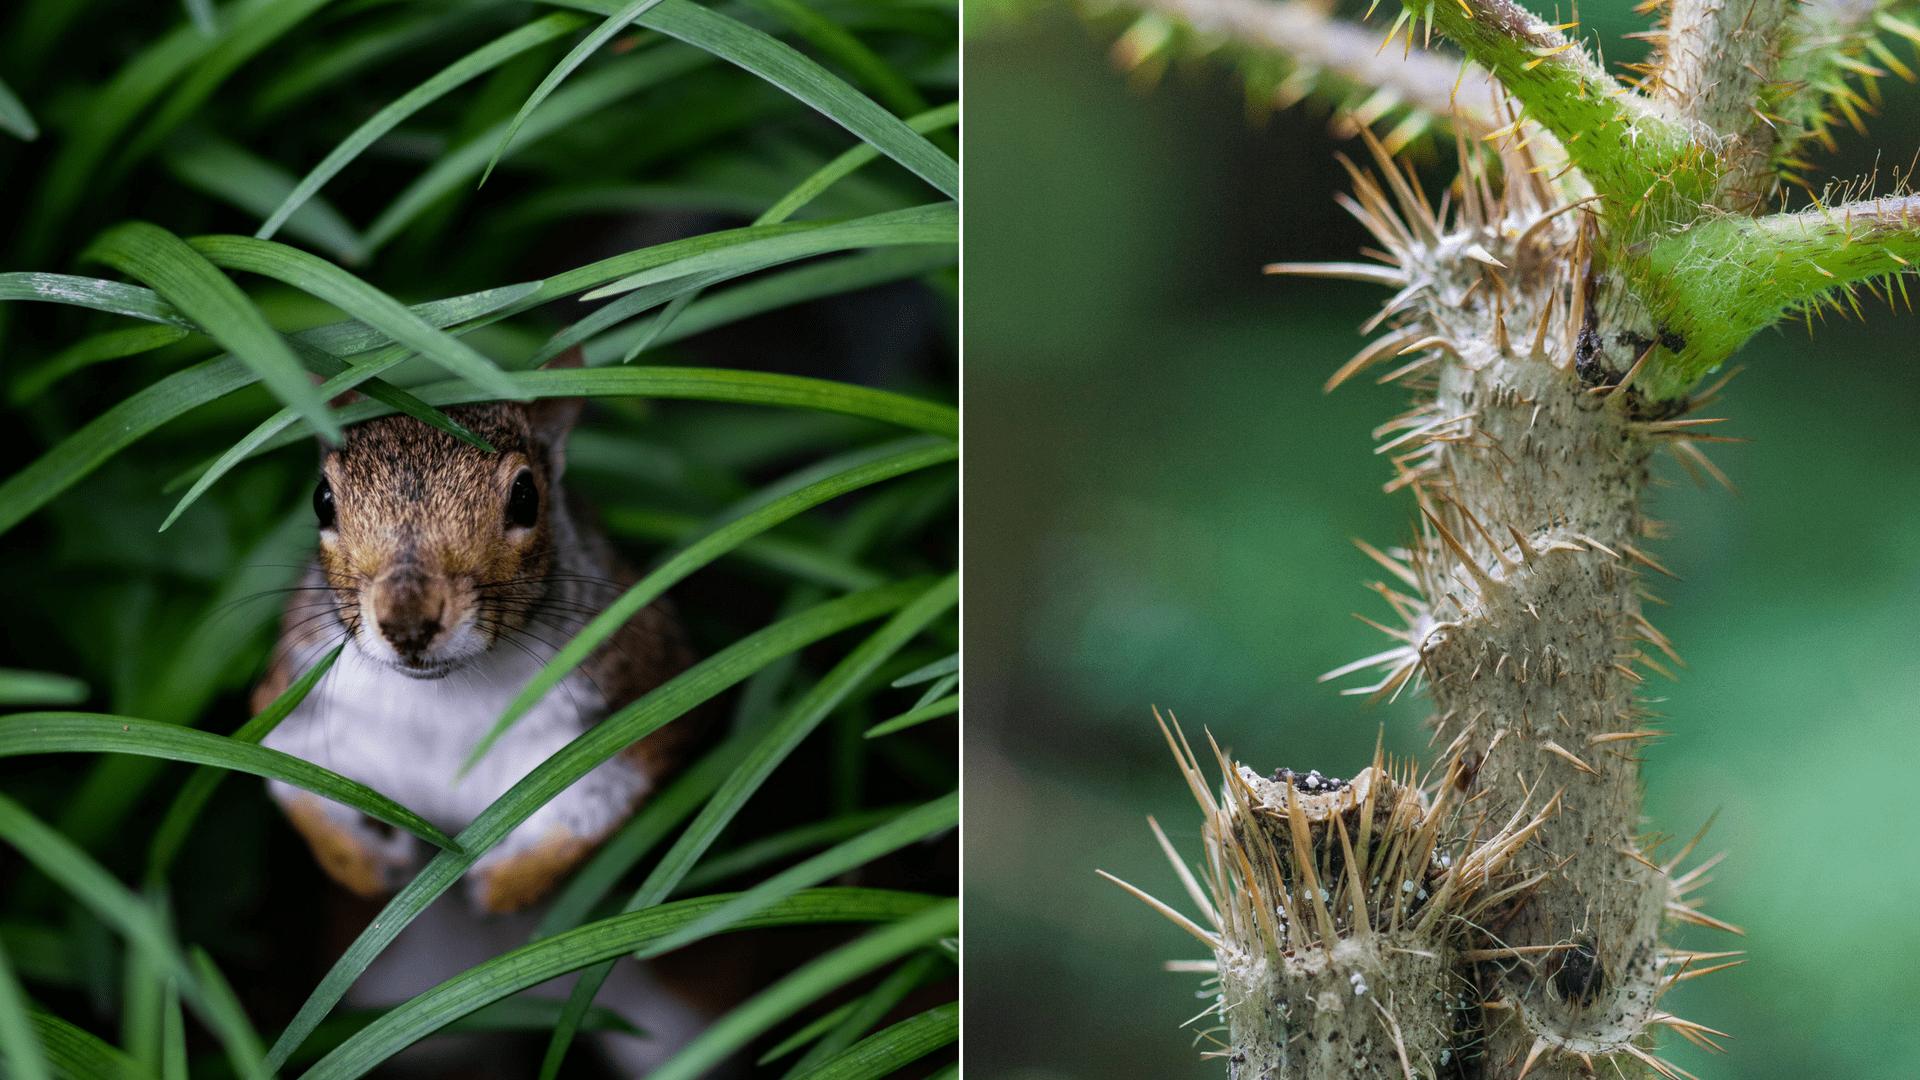 Nahaufnahmen Natur im Nationalpark, Pflanze und Tier